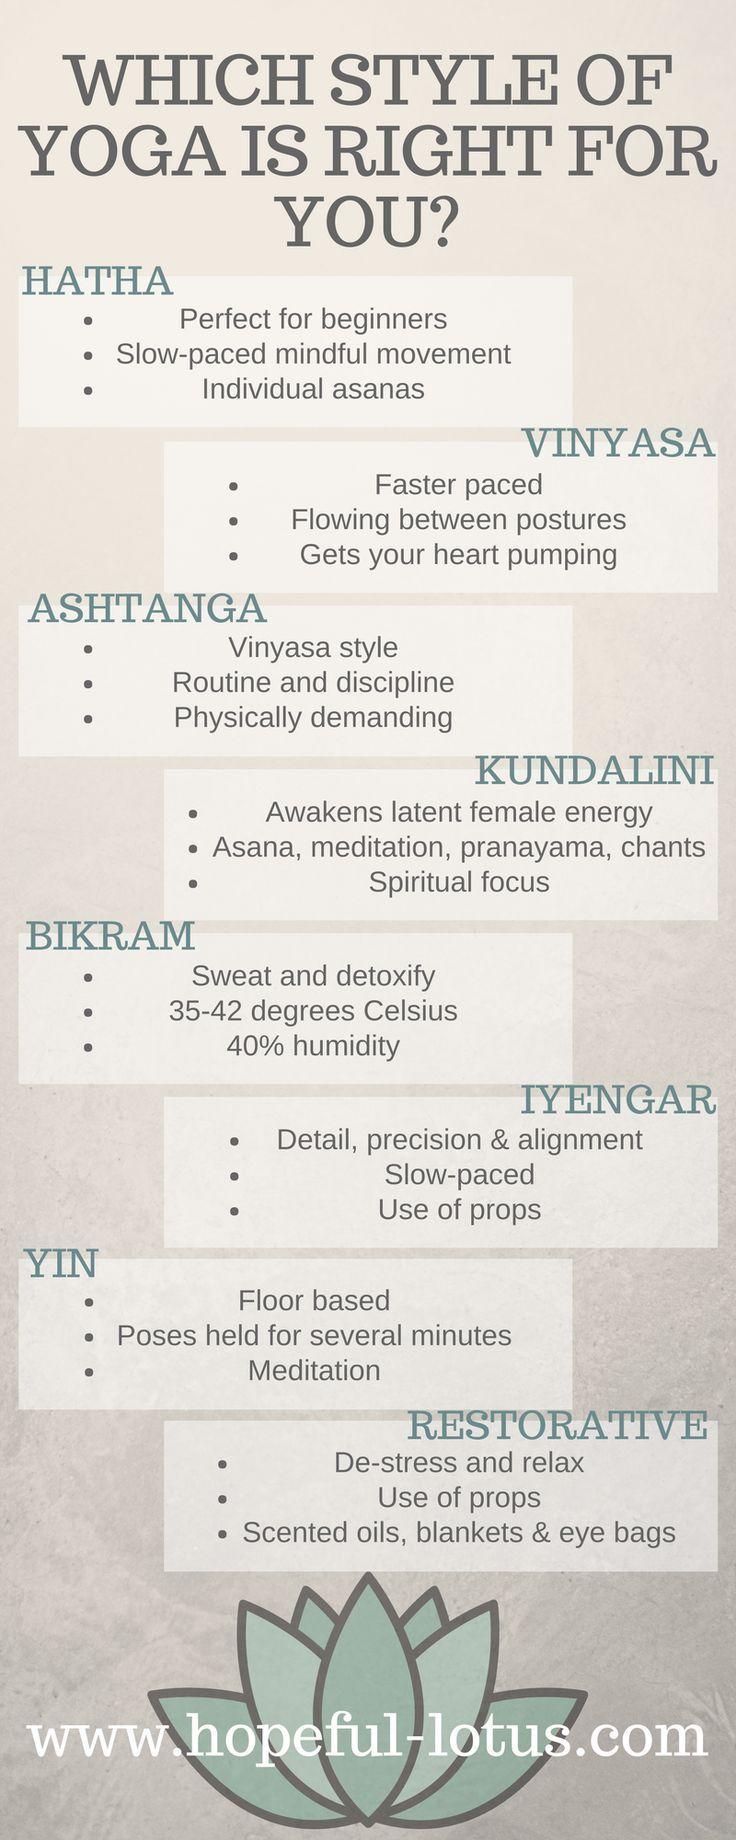 So kennen Sie die Vorteile von Yoga und möchten eine Praxis beginnen. Aber mit allen